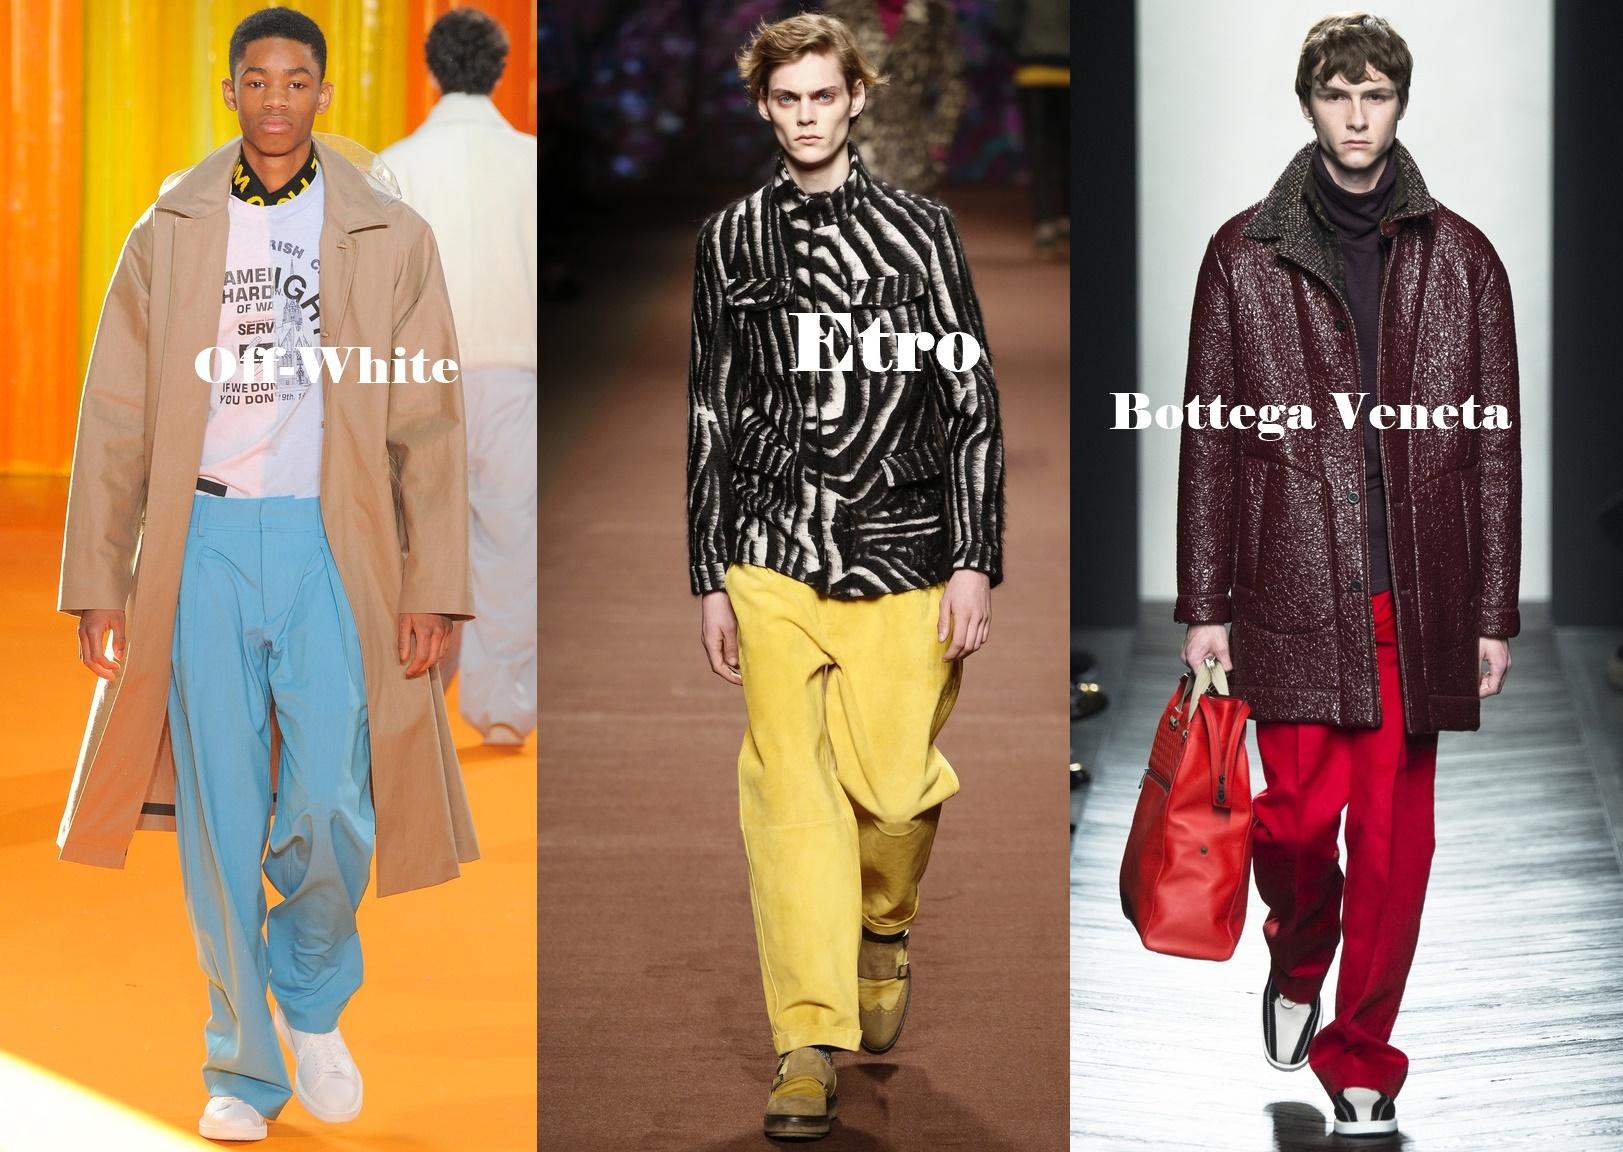 3e4f967006f2d ... في خزانة الملابس الداخلية في فصل الشتاء. وستتضمن السراويل الزرقاء  والصفراء والوردي والأخضر والأحمر وحتى الأرجواني بشكل مثالي معاطف المطر  المتضخم المحايد ...